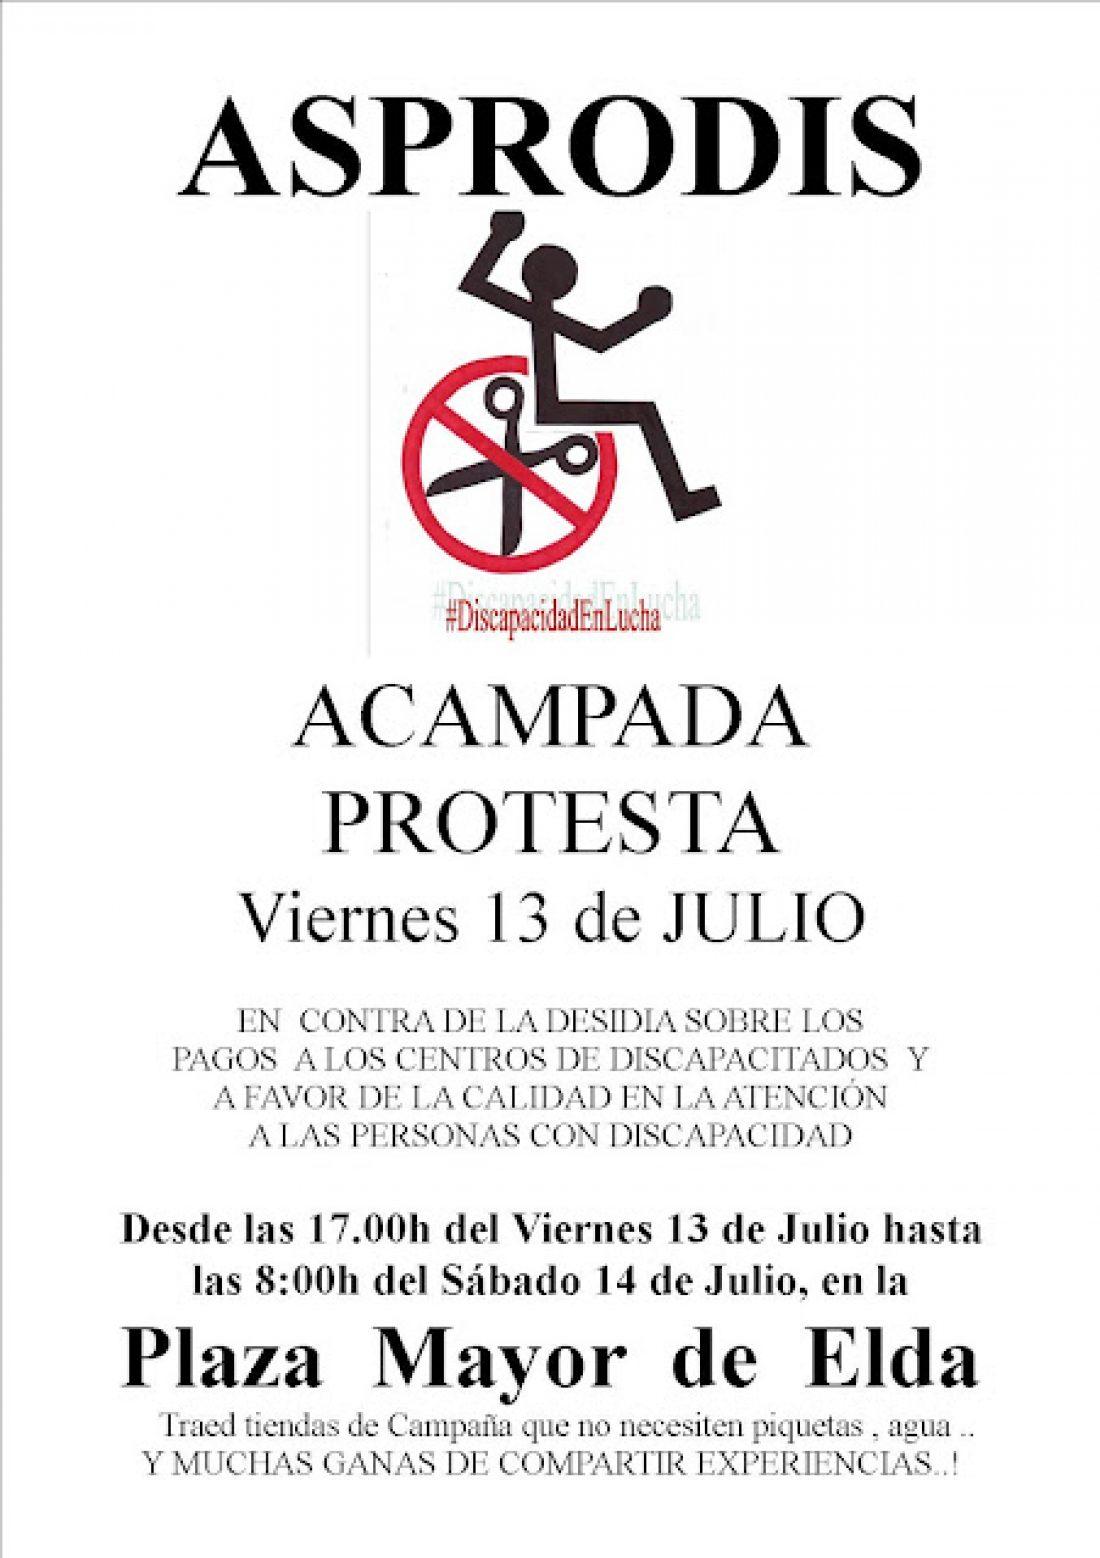 Acampada de protesta de Asprodis Elda el 13 de julio